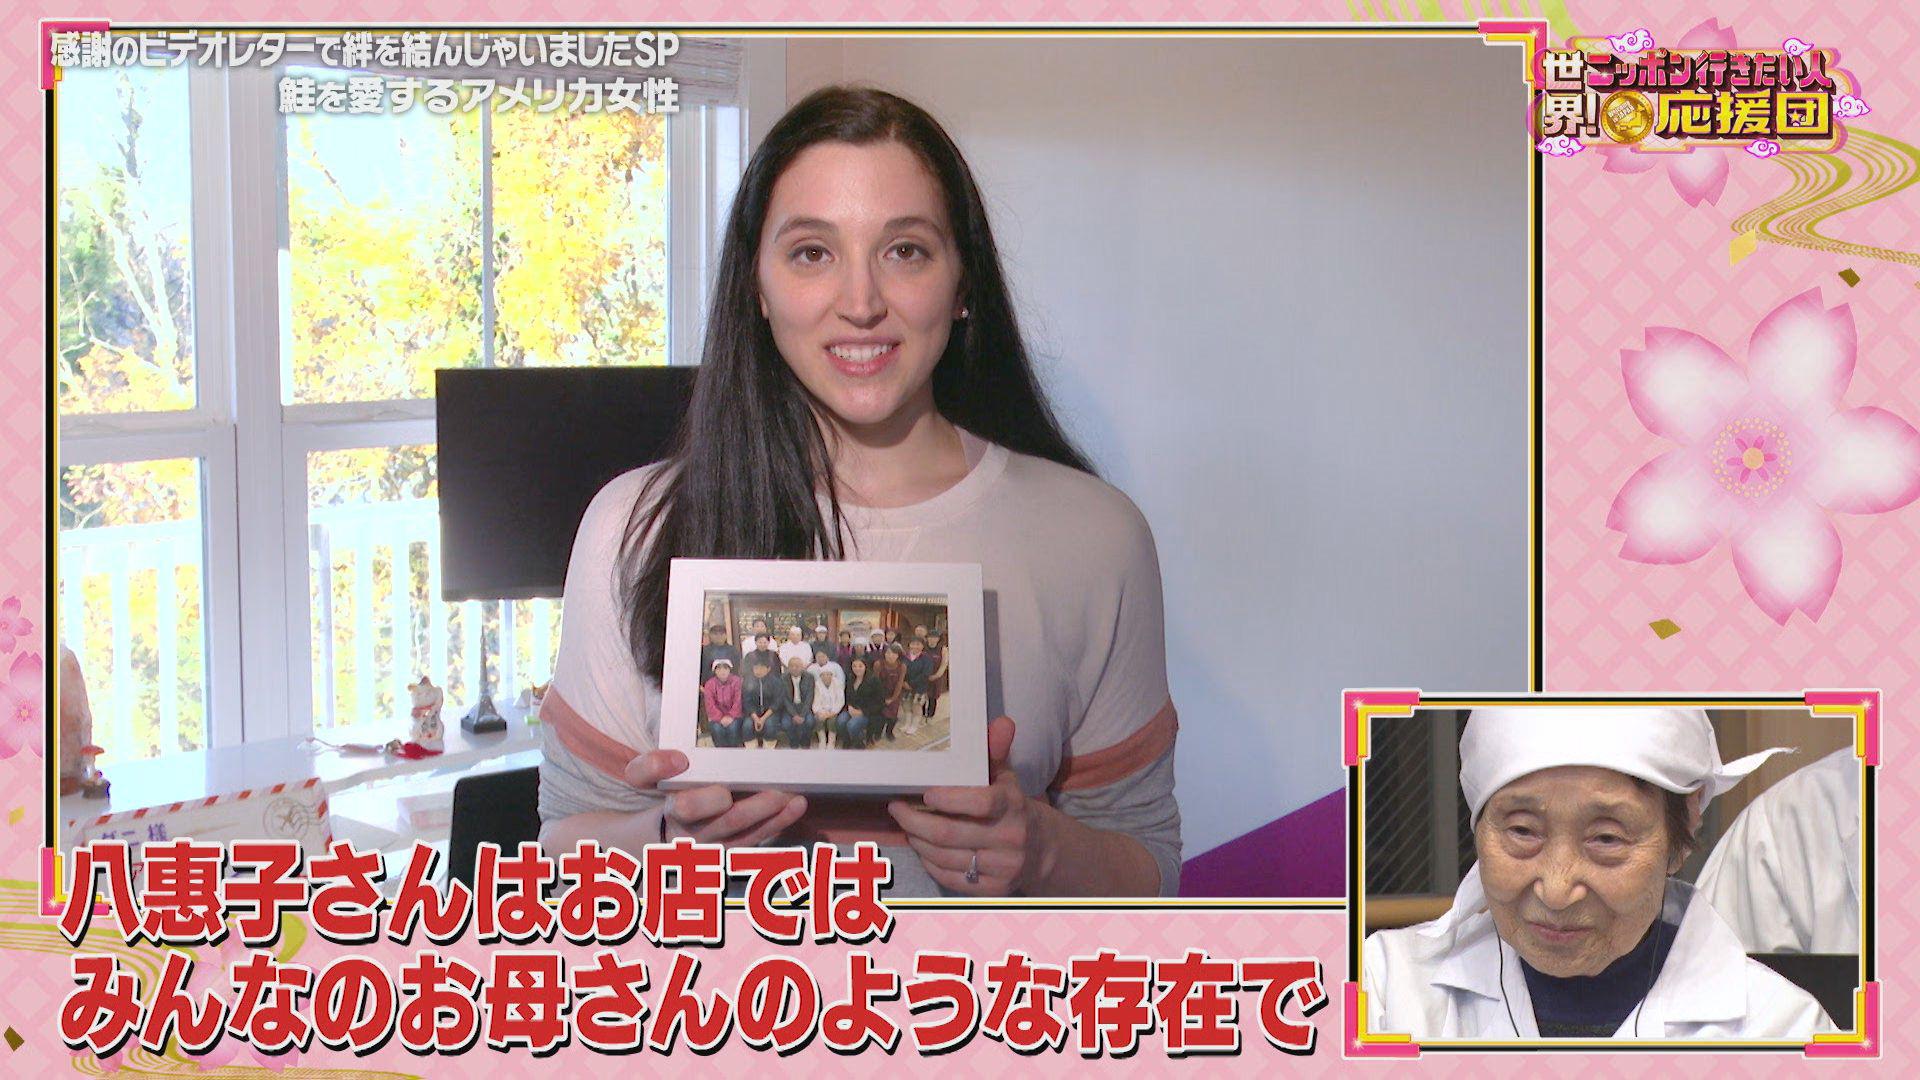 行き 団 人 世界 応援 ニッポン たい